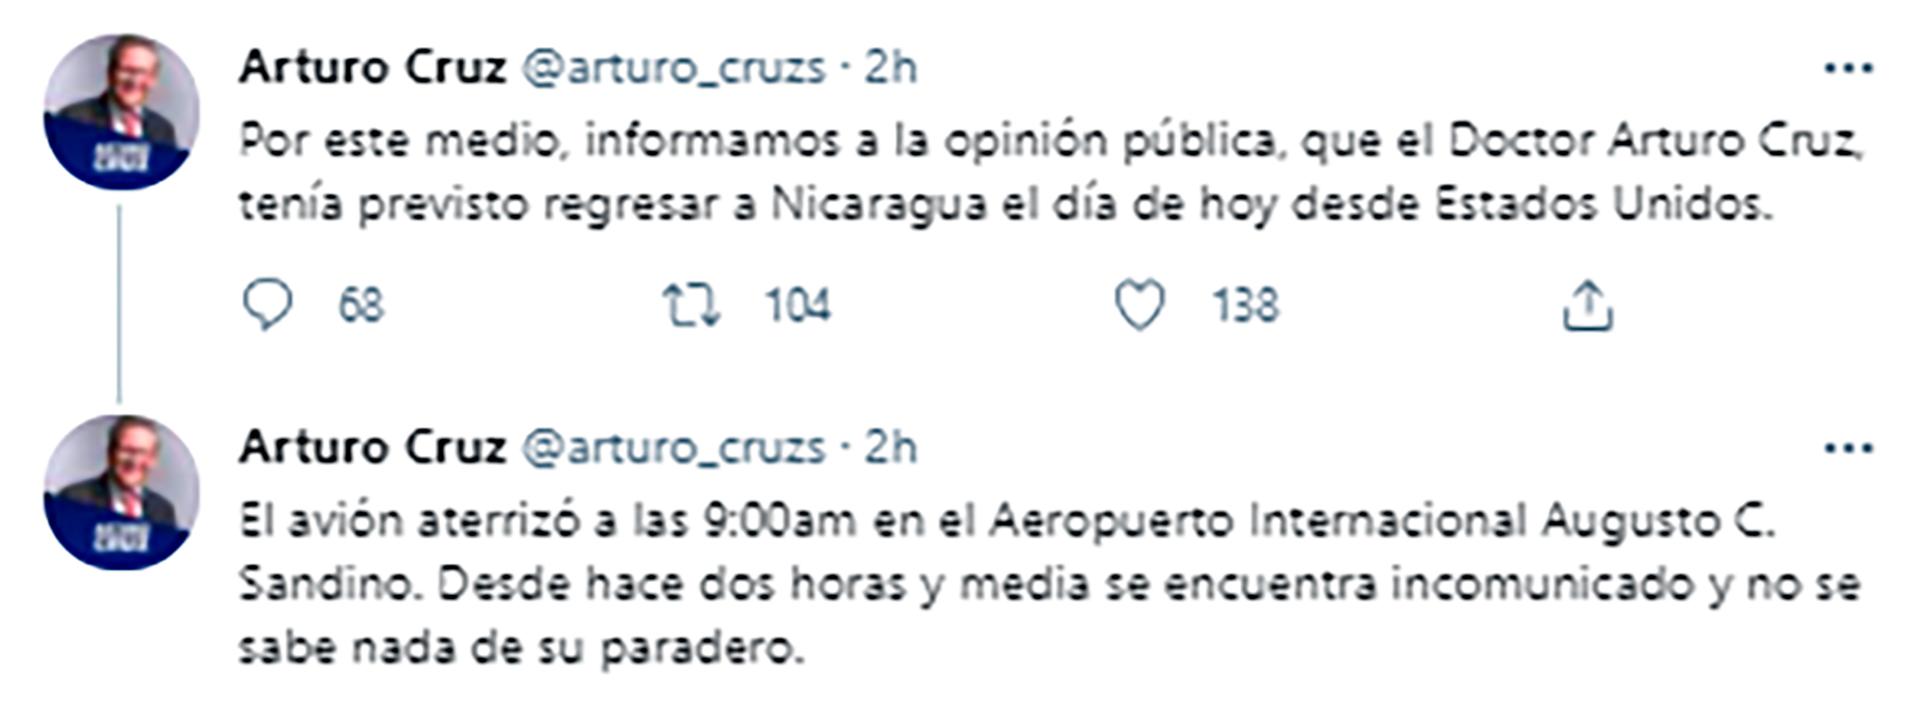 Los tuits del equipo de Arturo Cruz, ante su desaparición en el aeropuerto